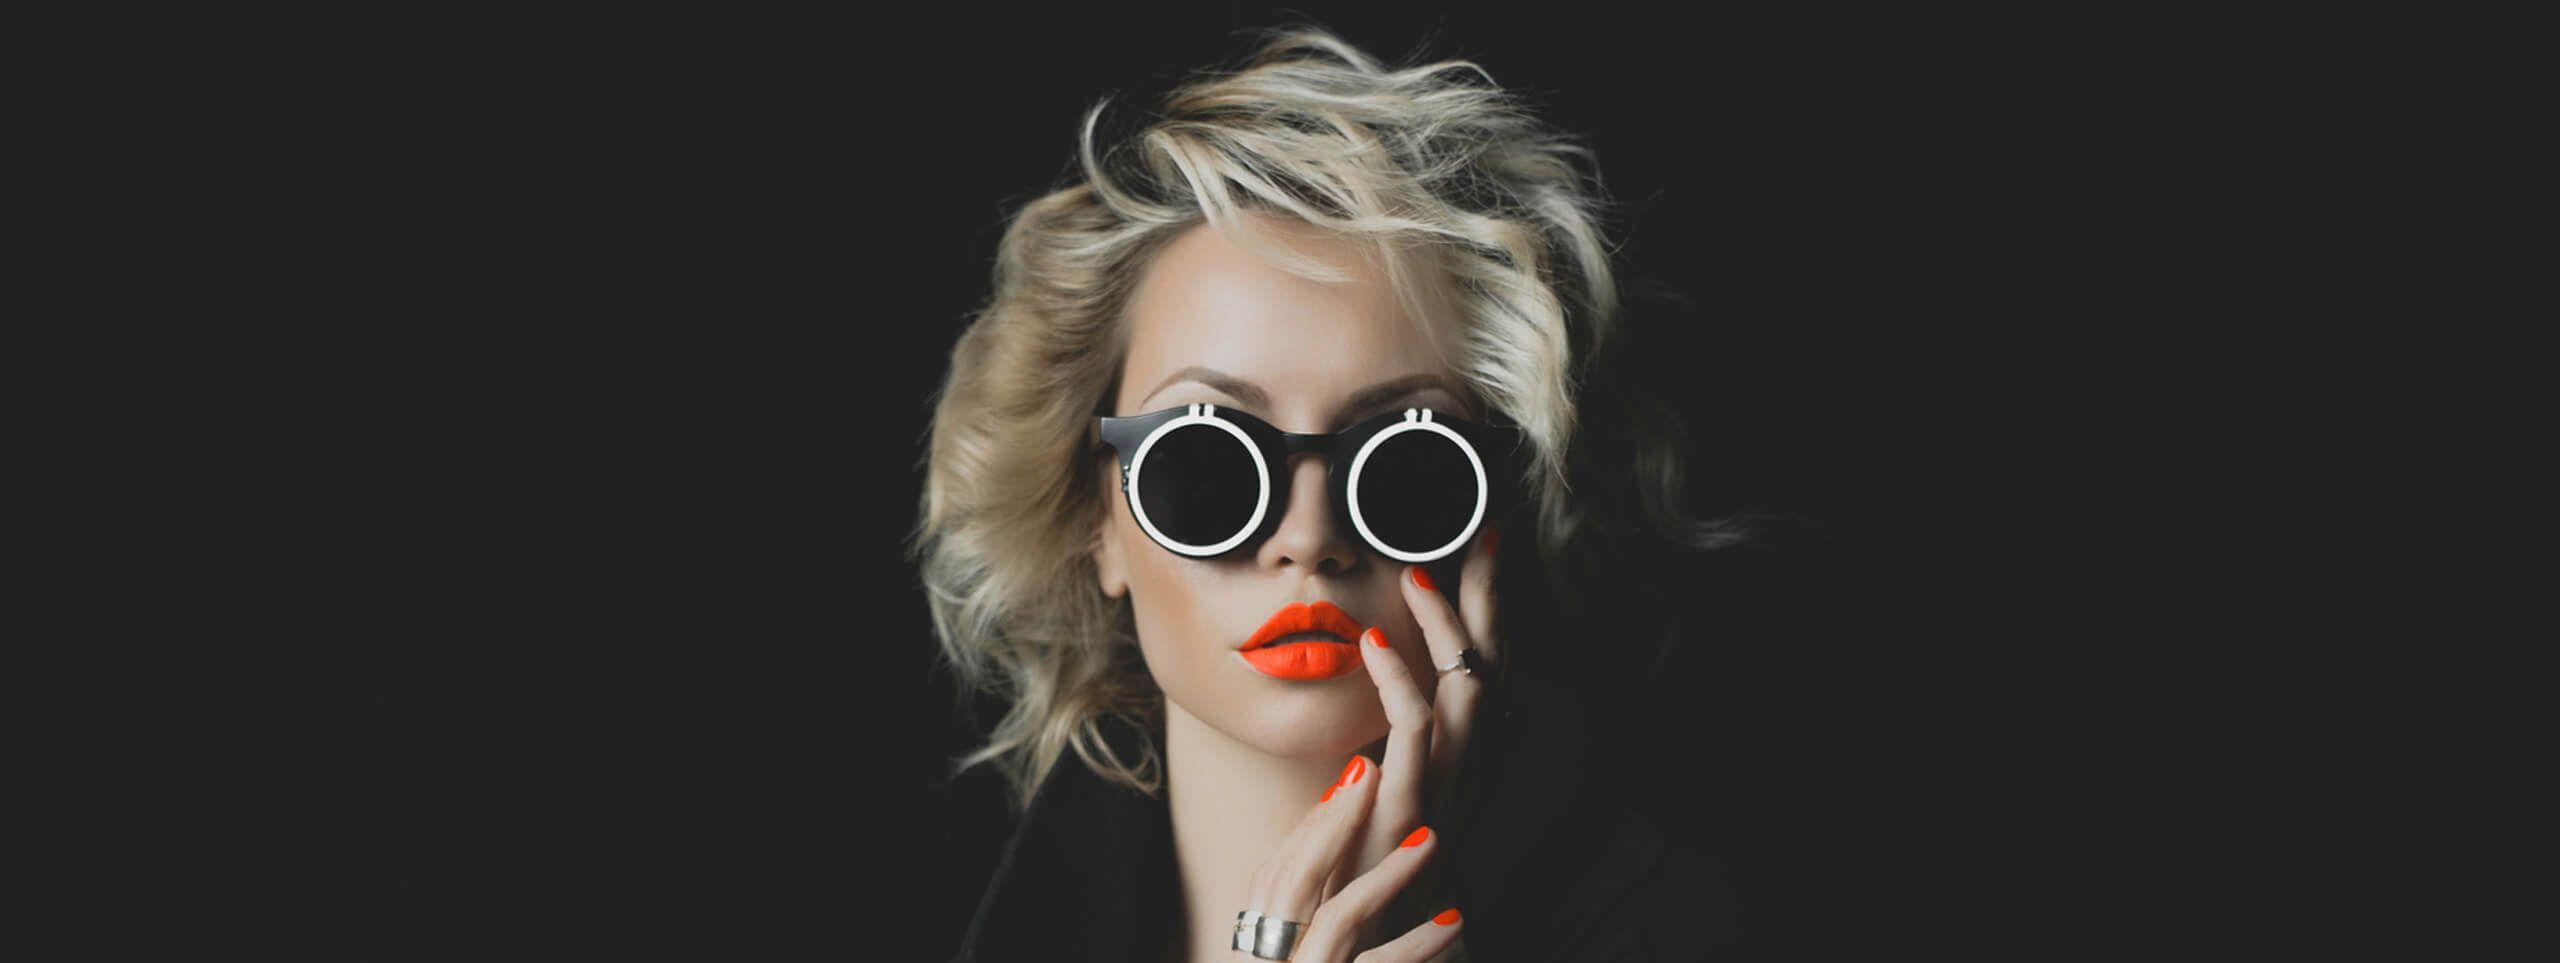 Femme blonde avec lunettes de soleil opaques